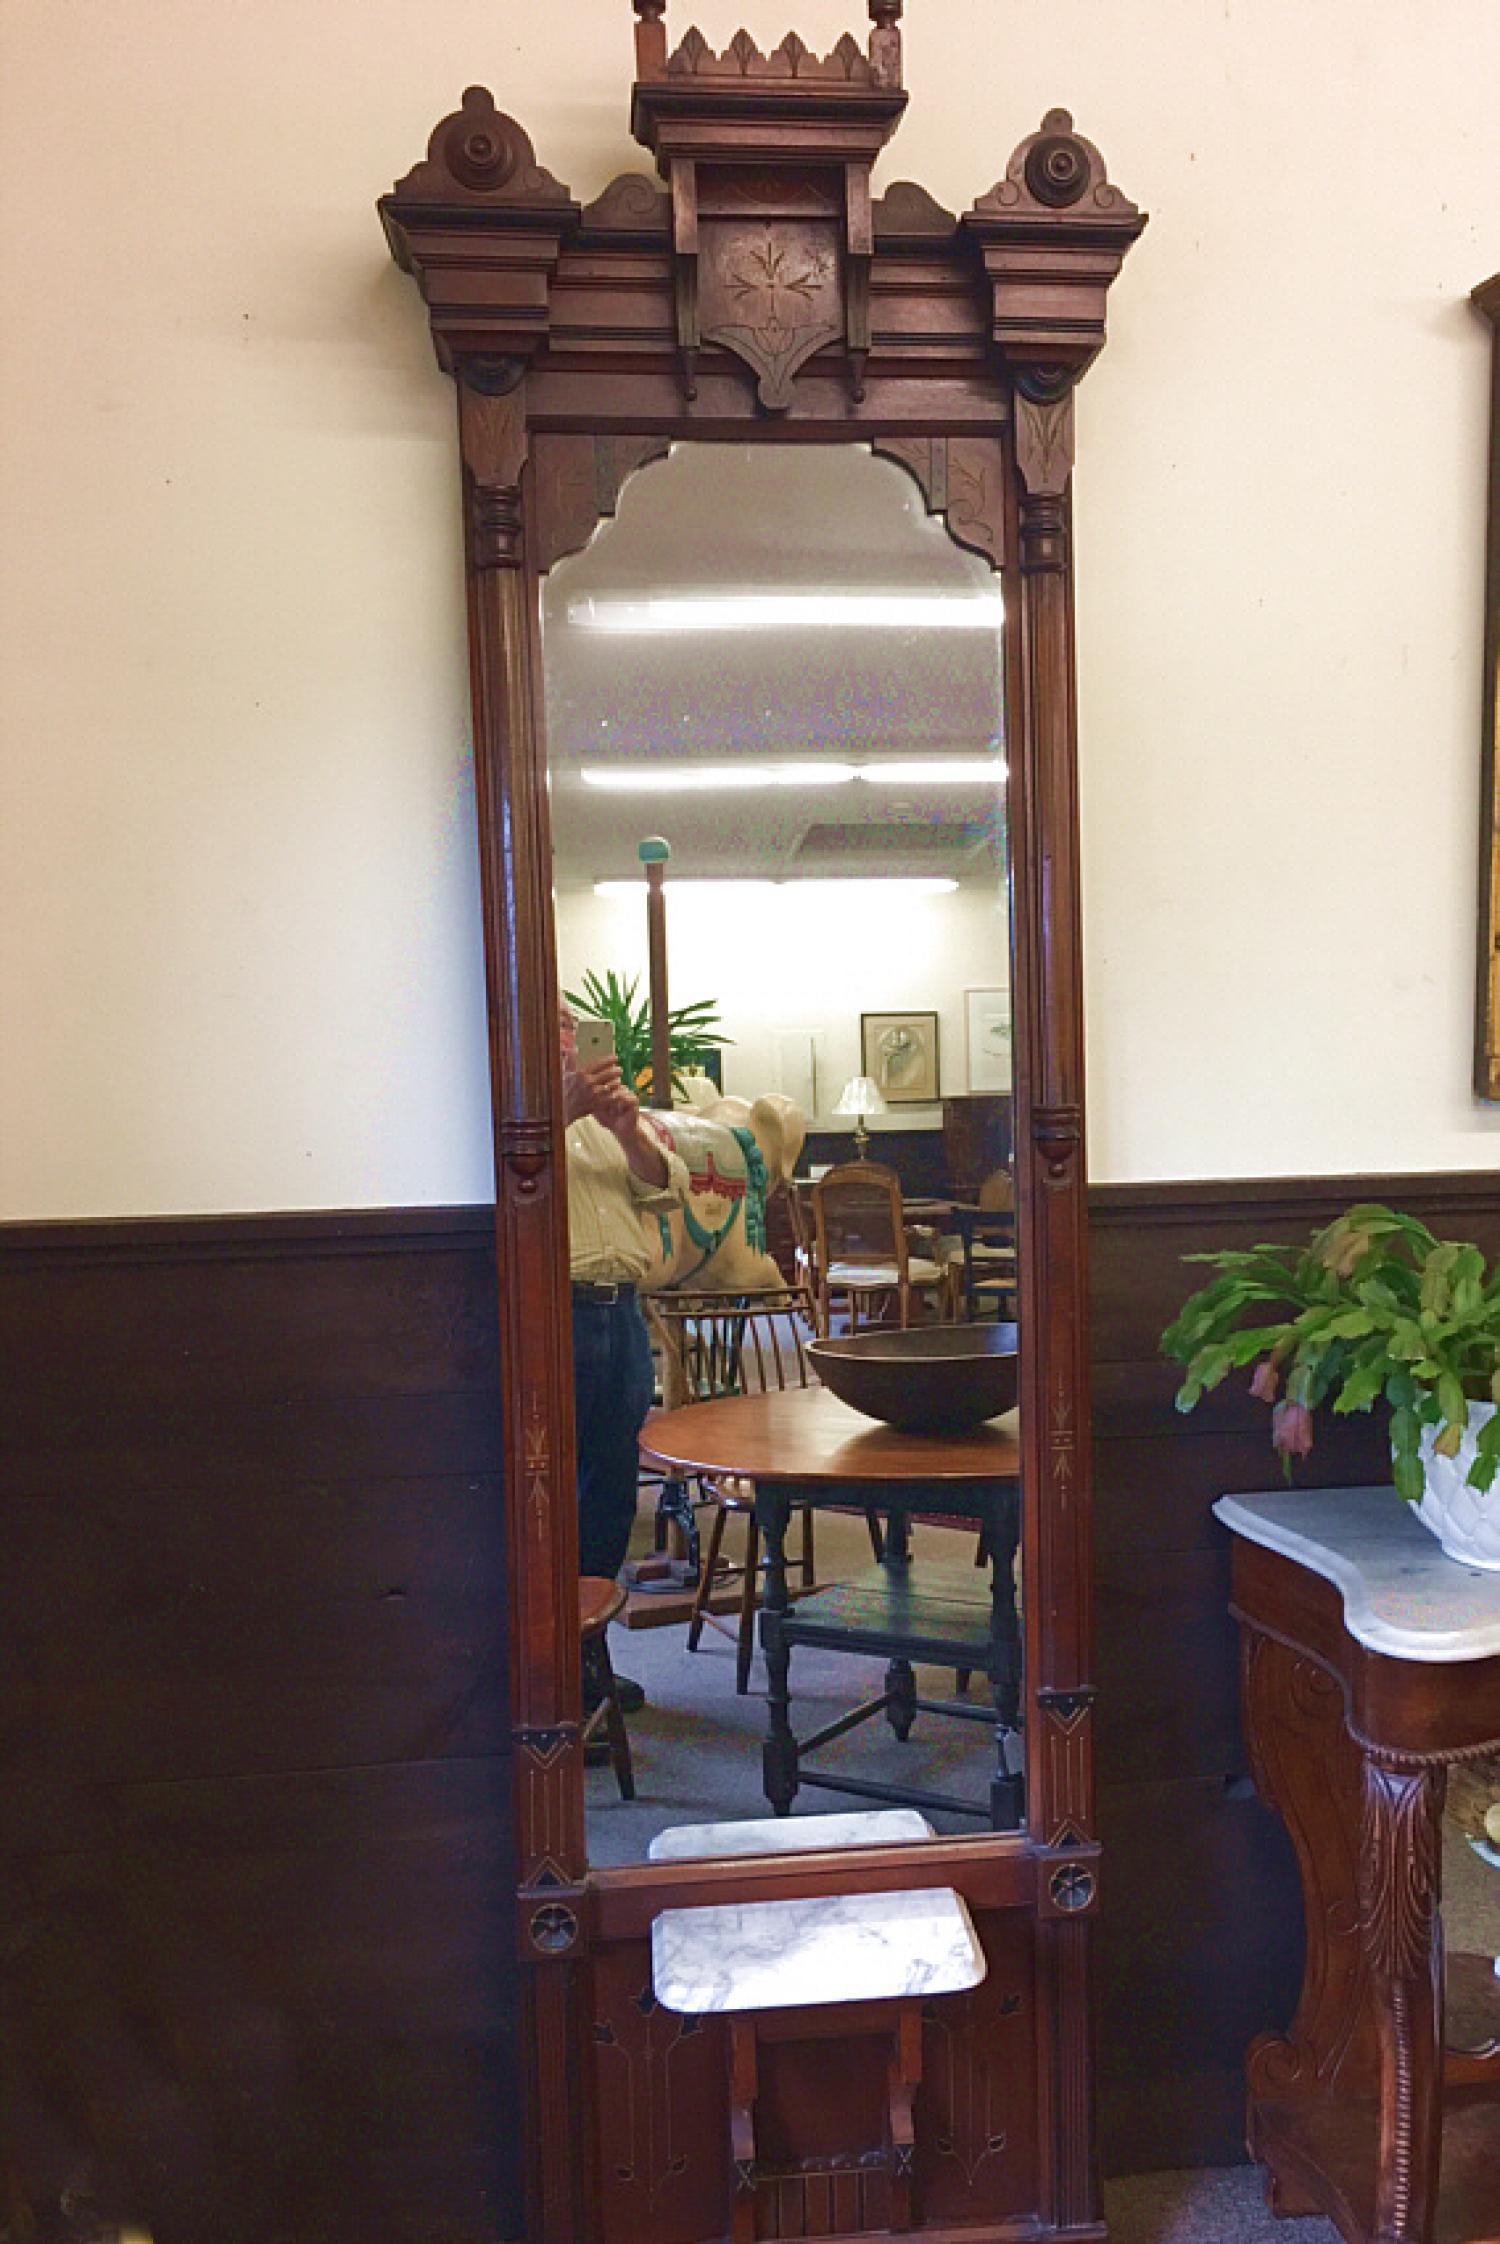 Eastlake Victorian walnut pier mirror  c1880